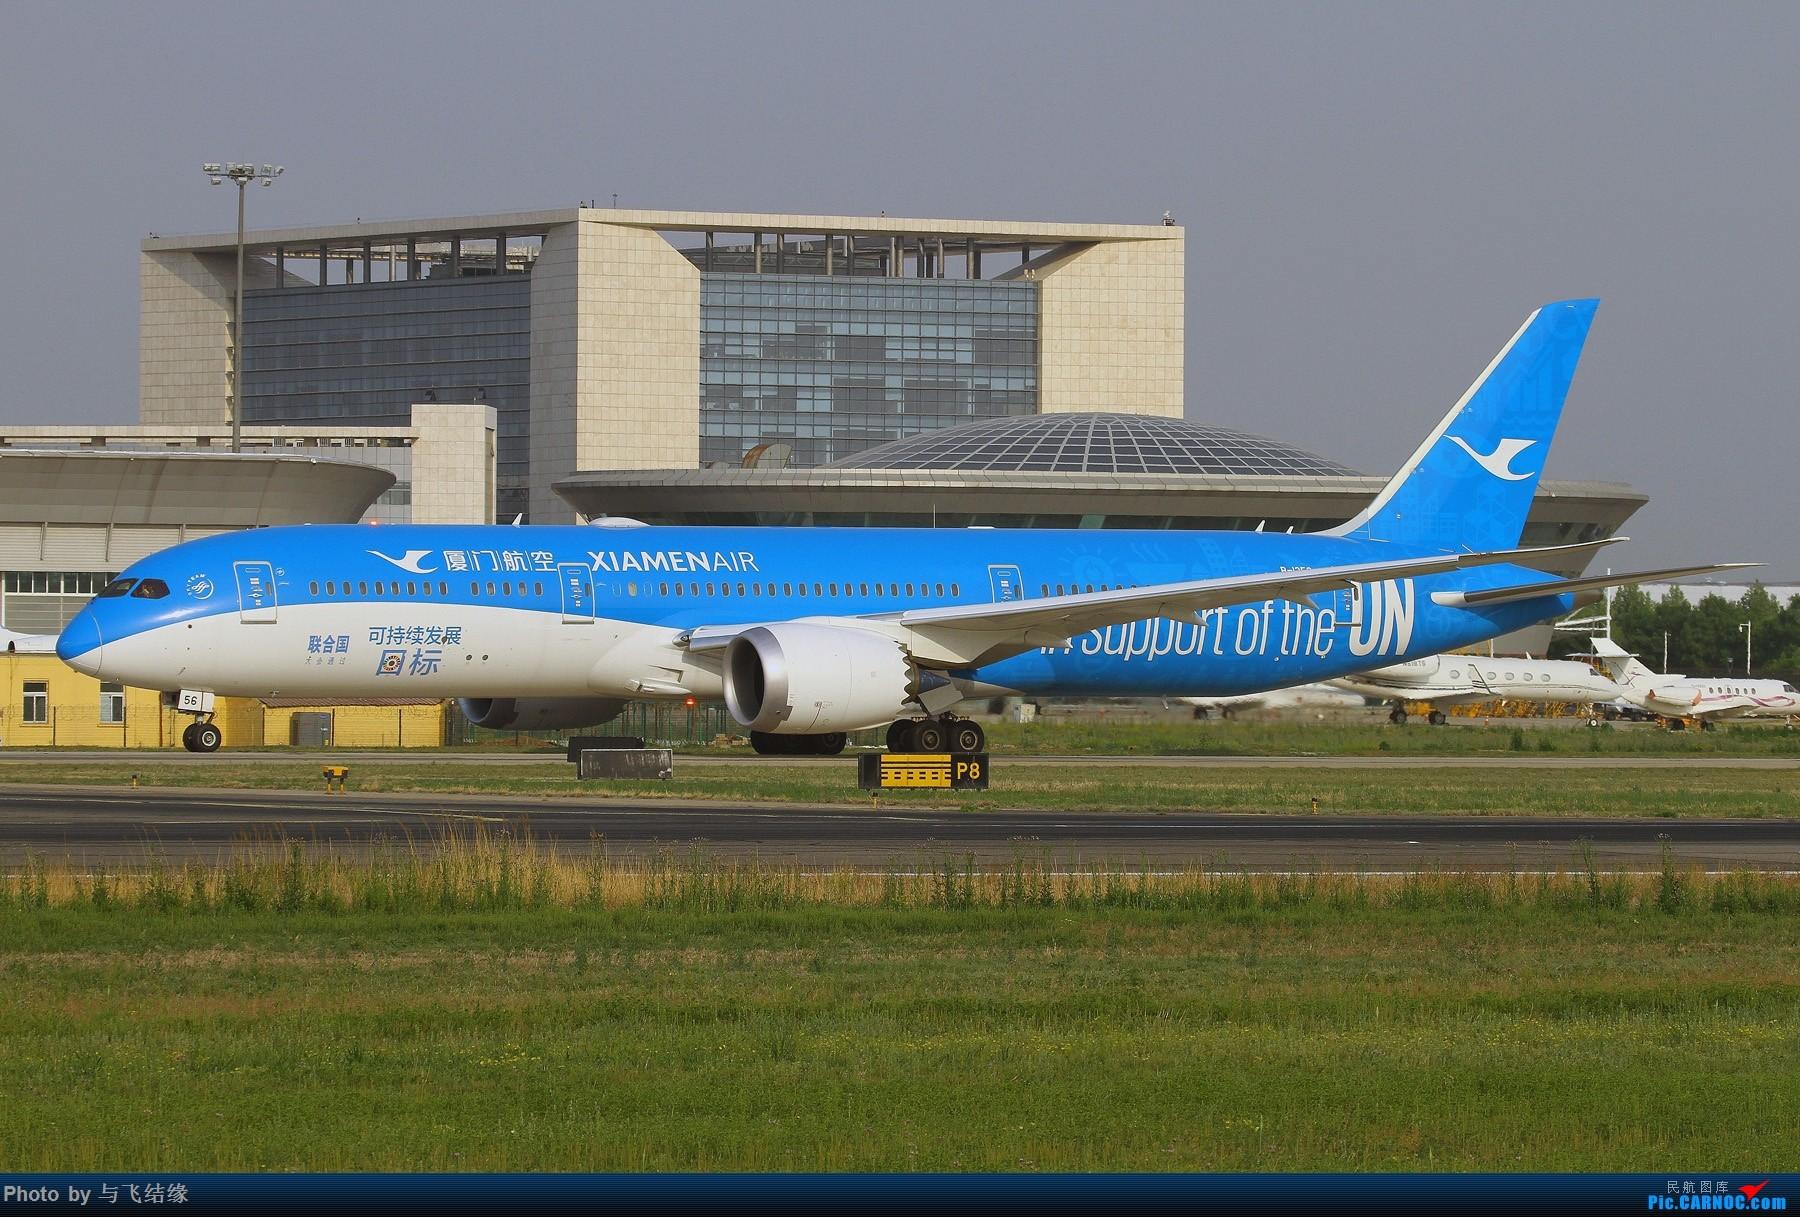 """[原创]厦门航空联合国""""可持续发展""""彩绘boeing 787-9组图! BOEING 787-9 B-1356 中国北京首都国际机场"""